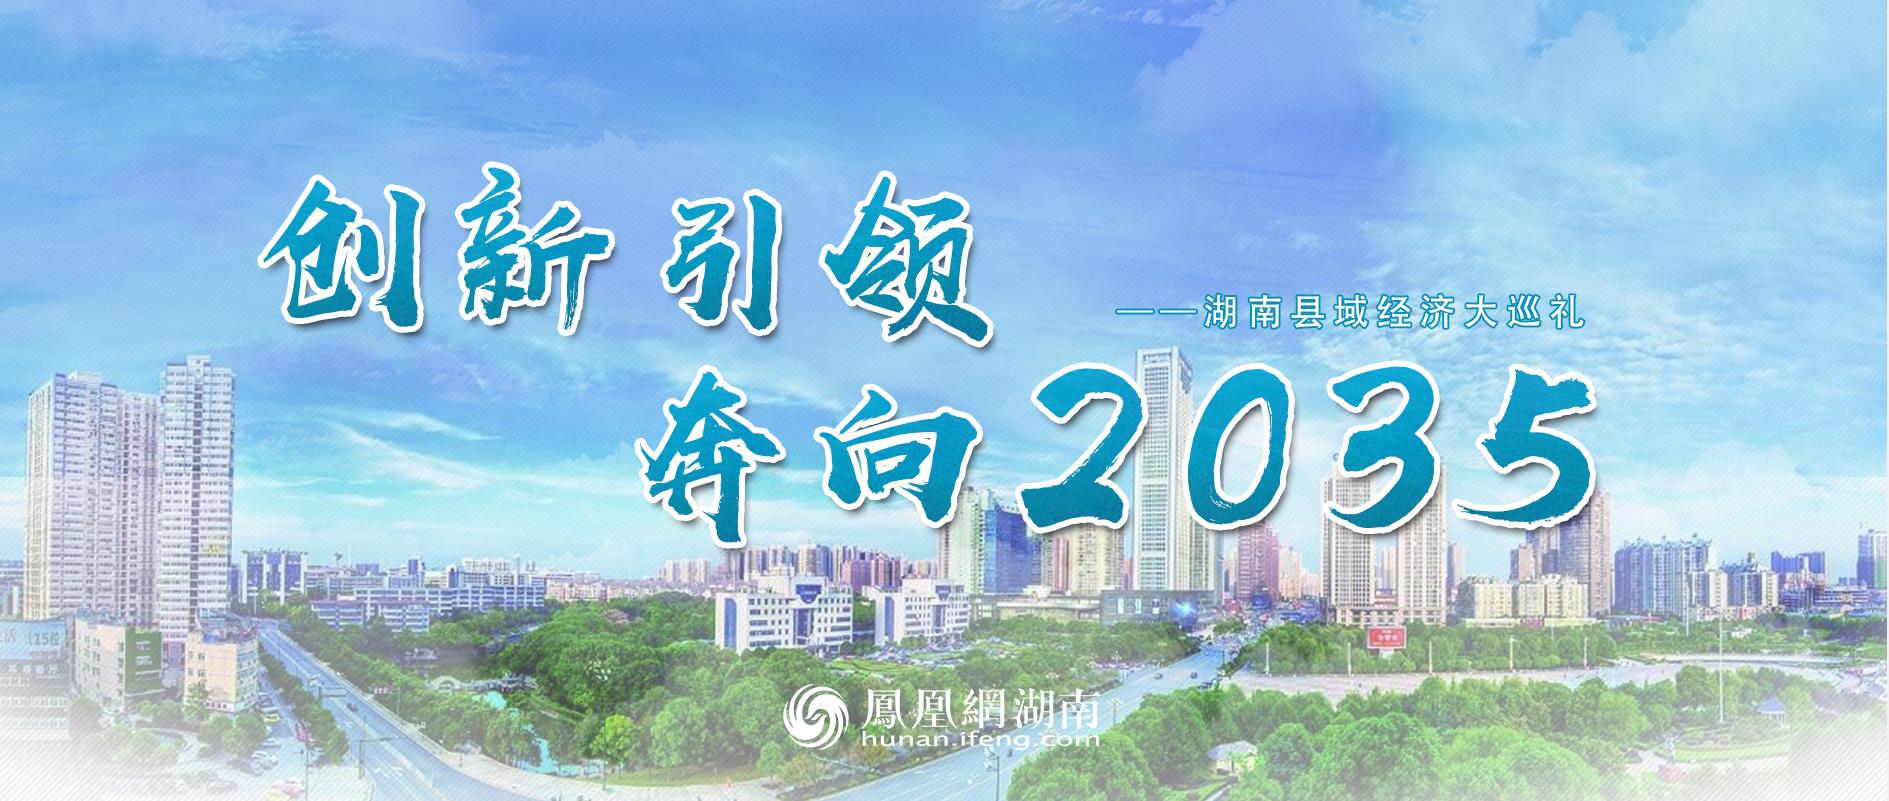 专题|湖南县域经济大巡礼